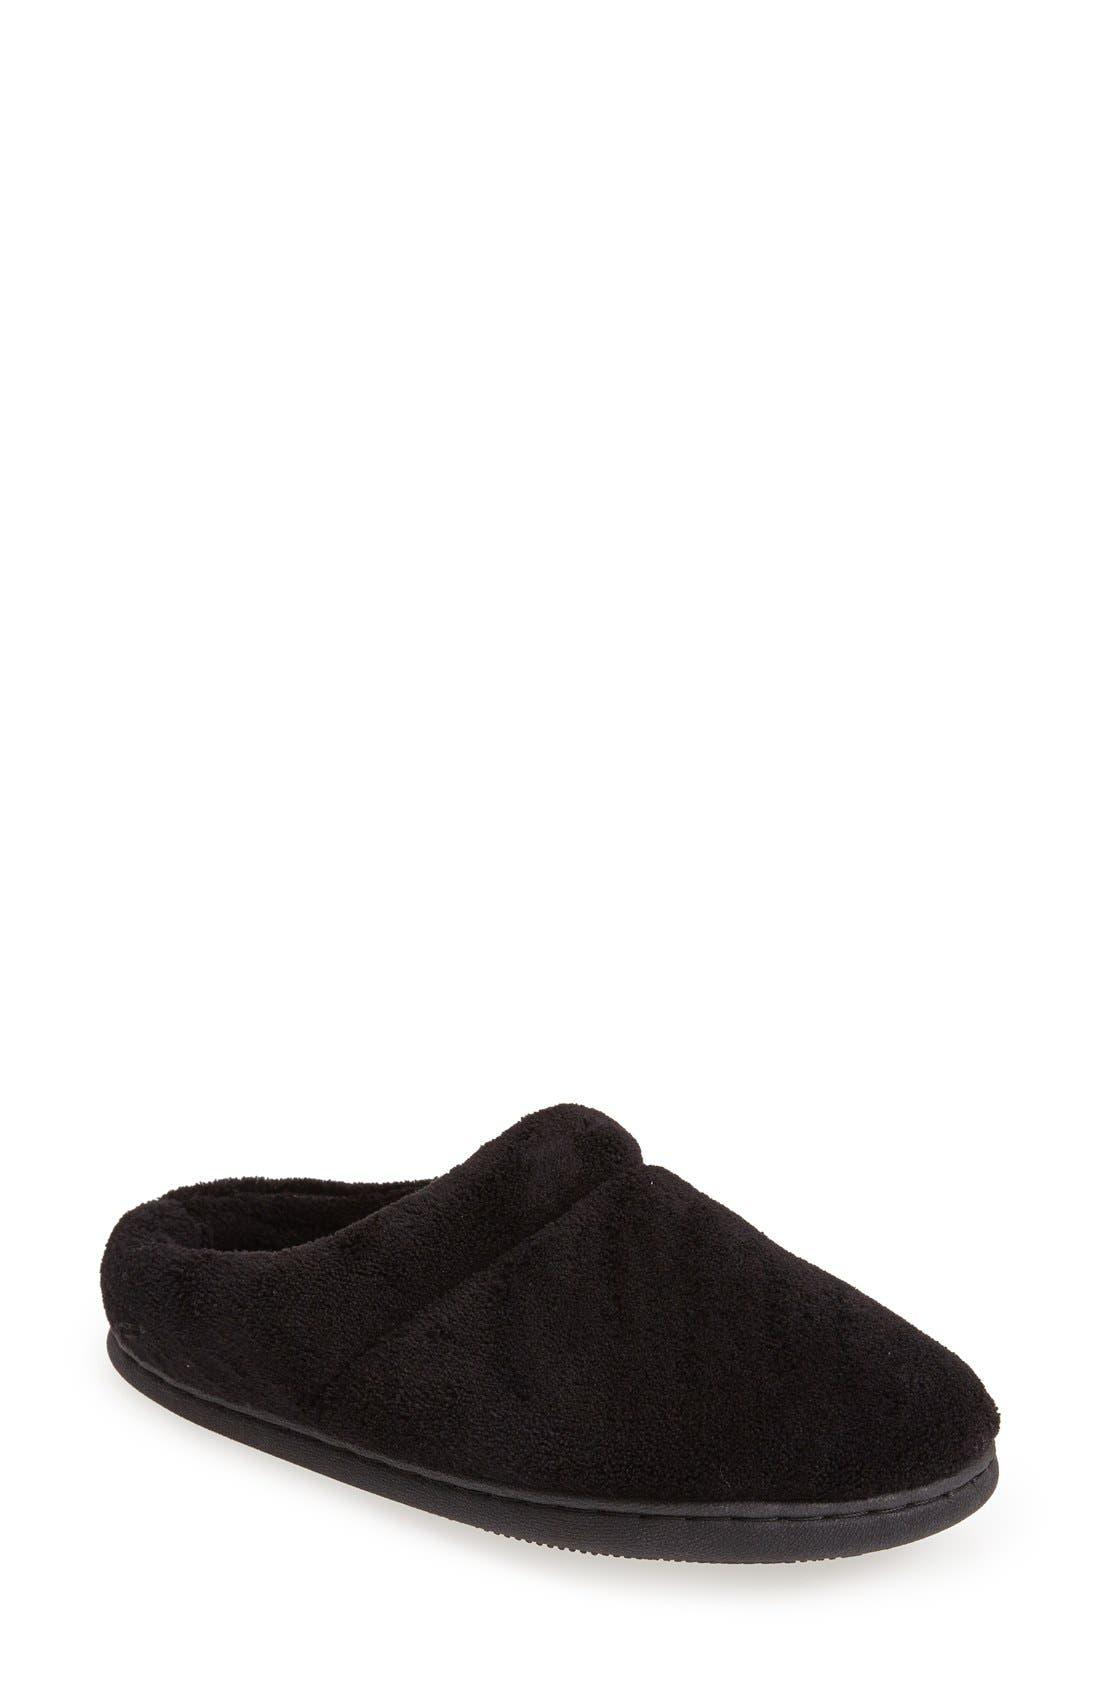 TEMPUR-PEDIC<SUP>®</SUP> 'Windsock' Slipper, Main, color, BLACK